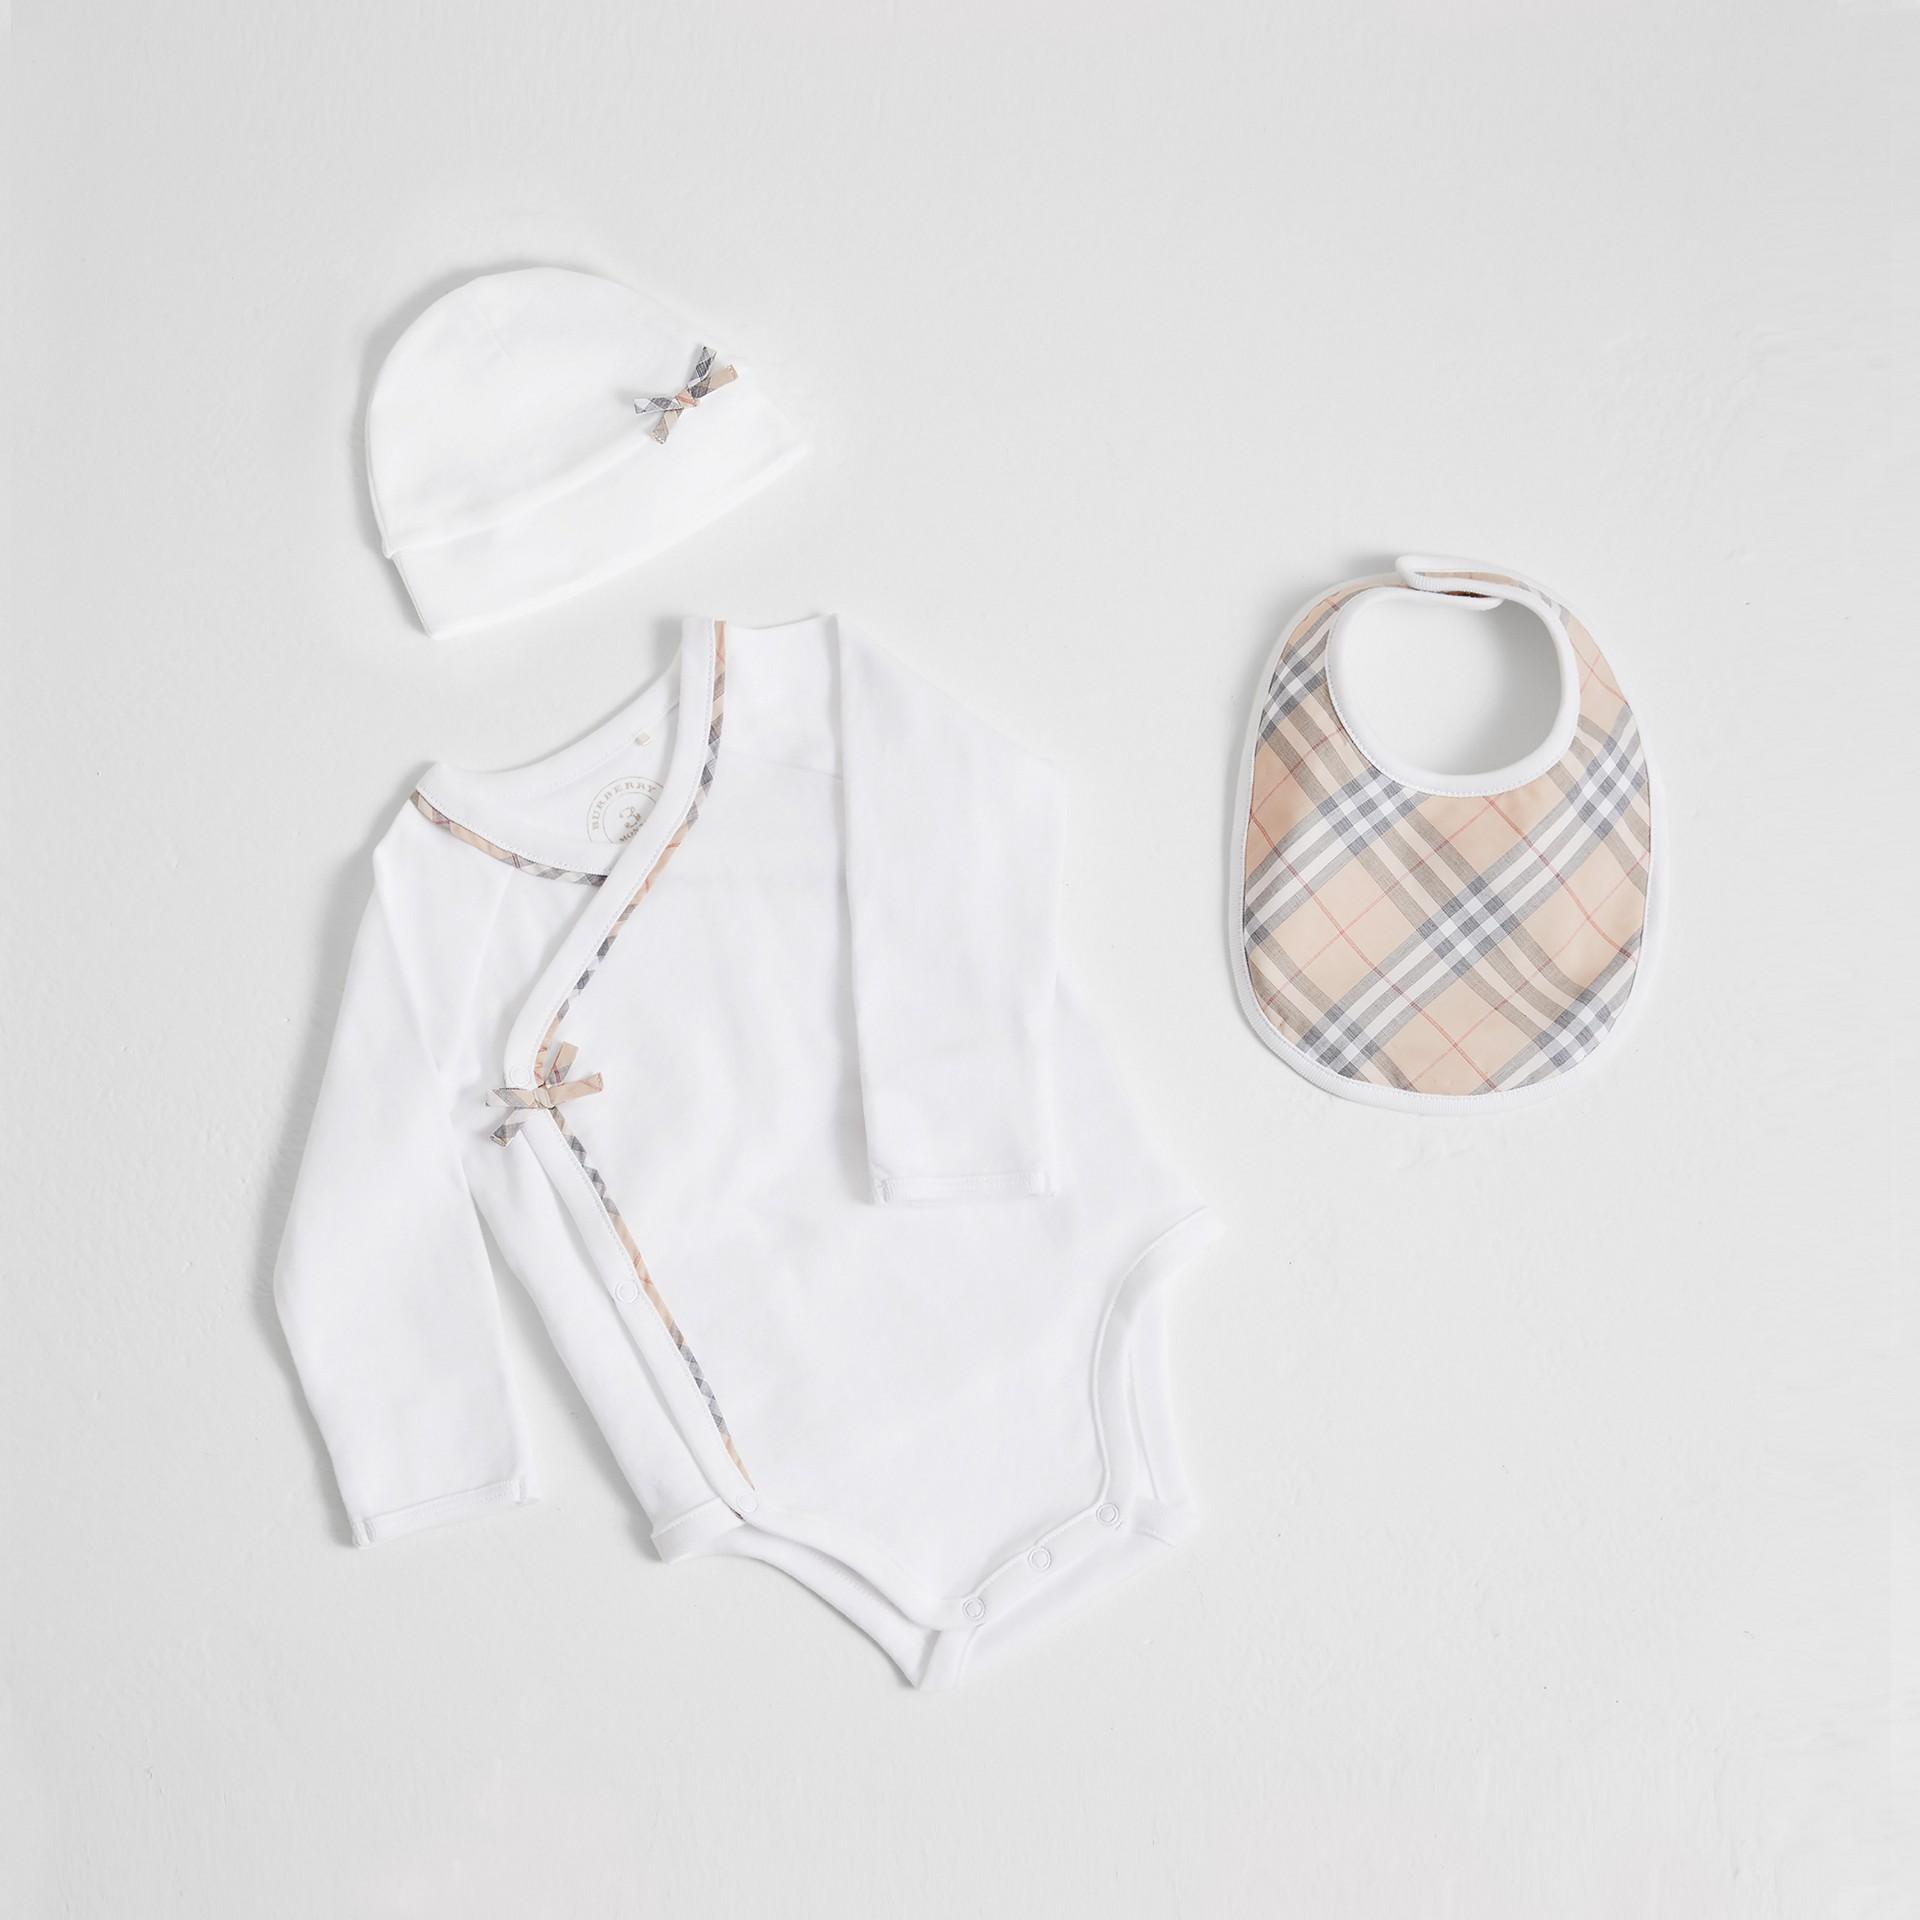 格紋棉質三件組嬰兒禮盒 (白色) | Burberry - 圖庫照片 0